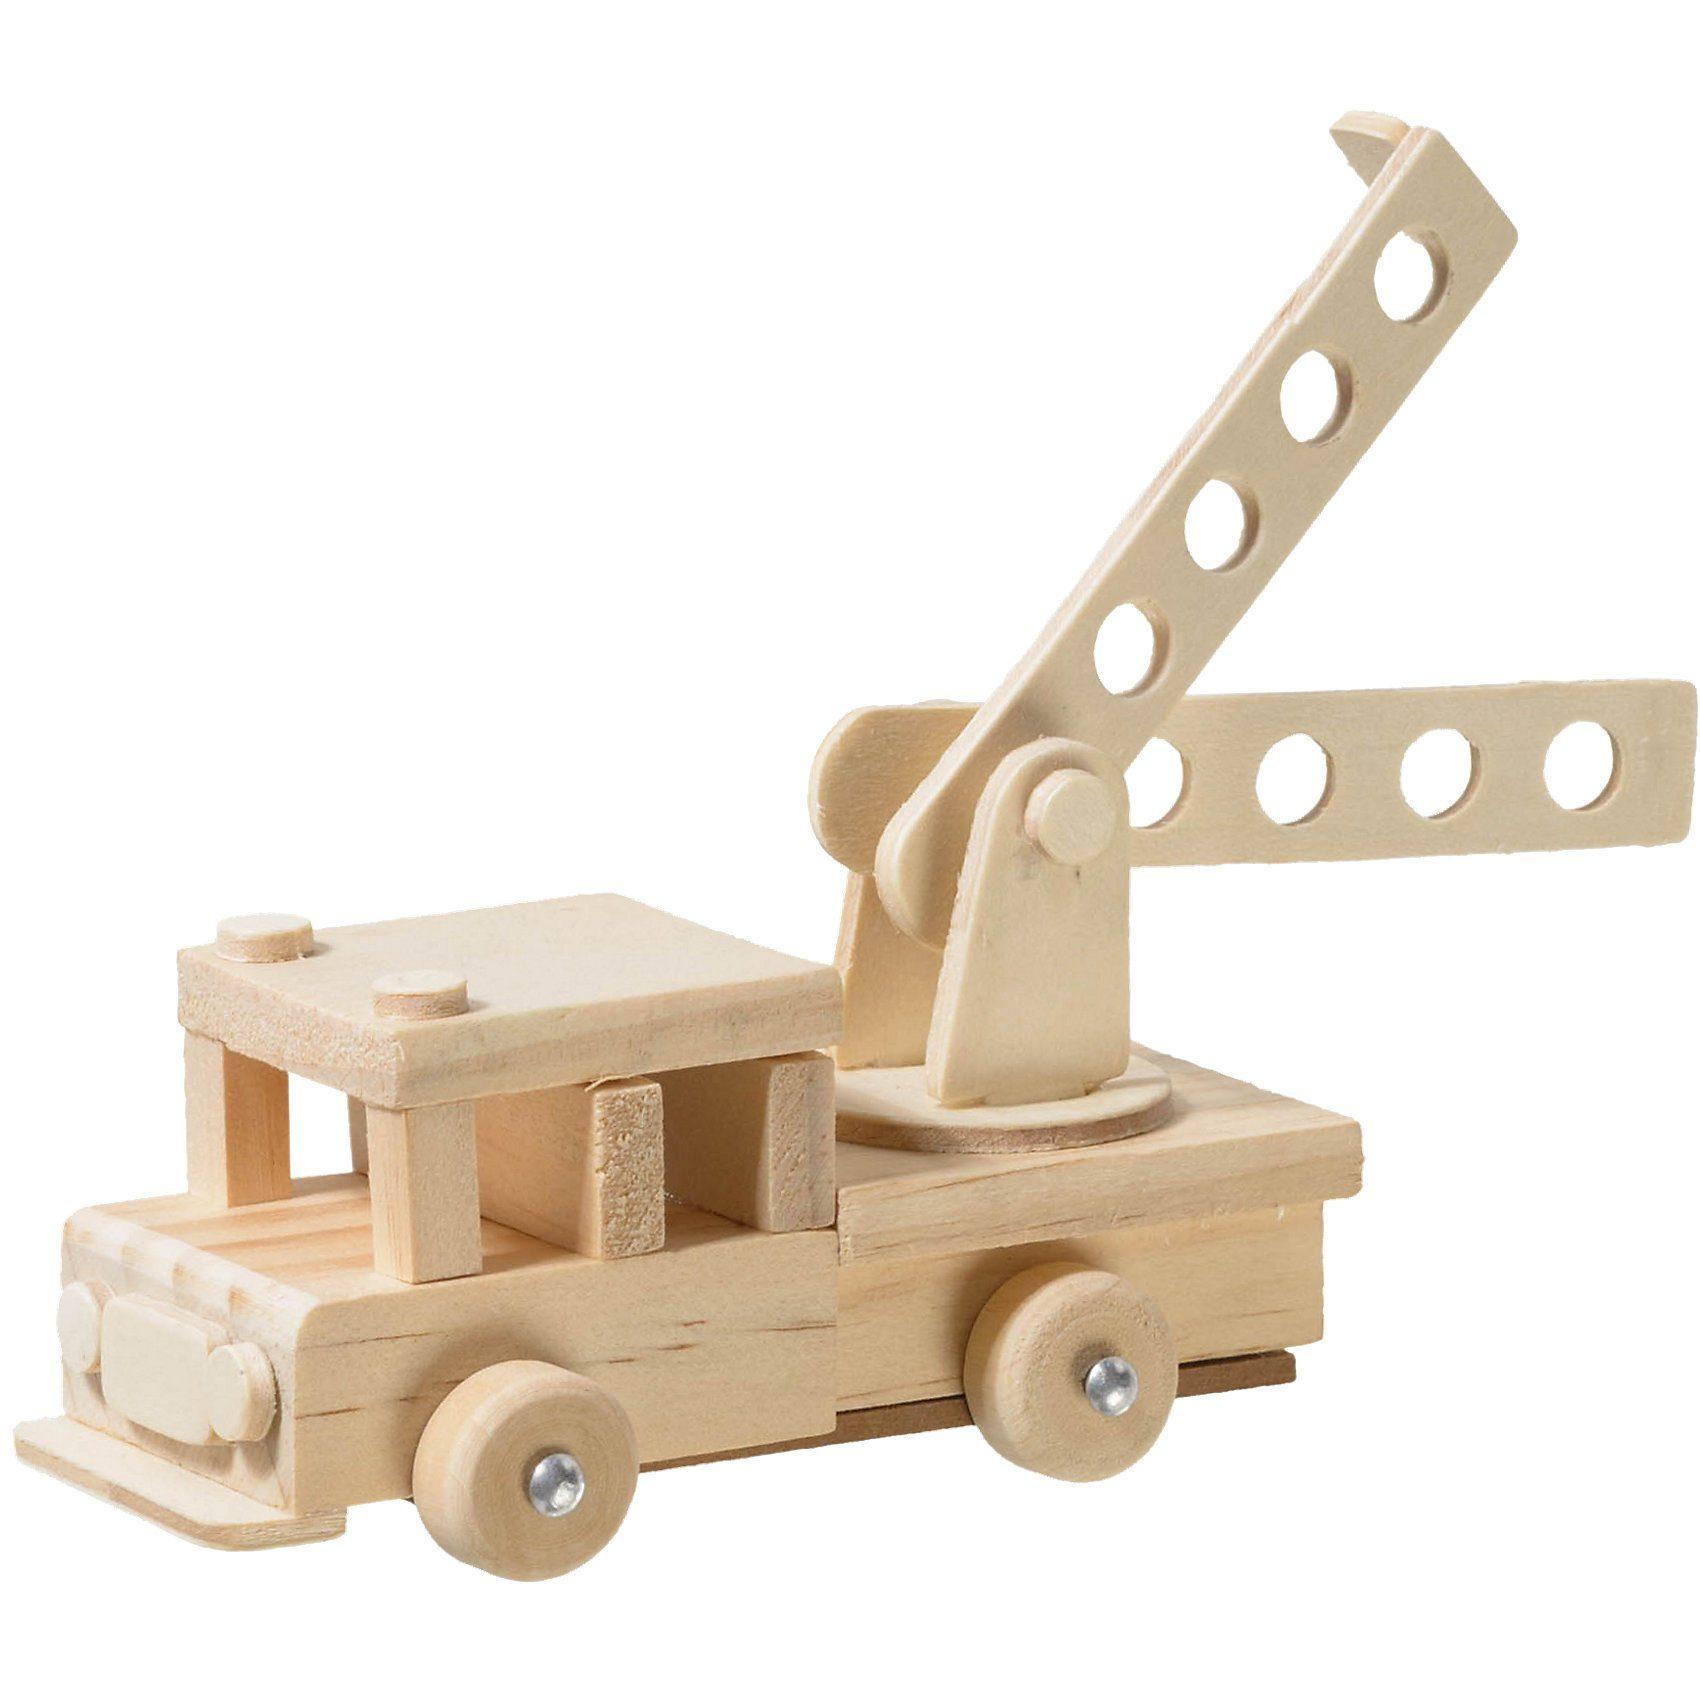 prohobb Modellbausatz Holz Feuerwehrauto